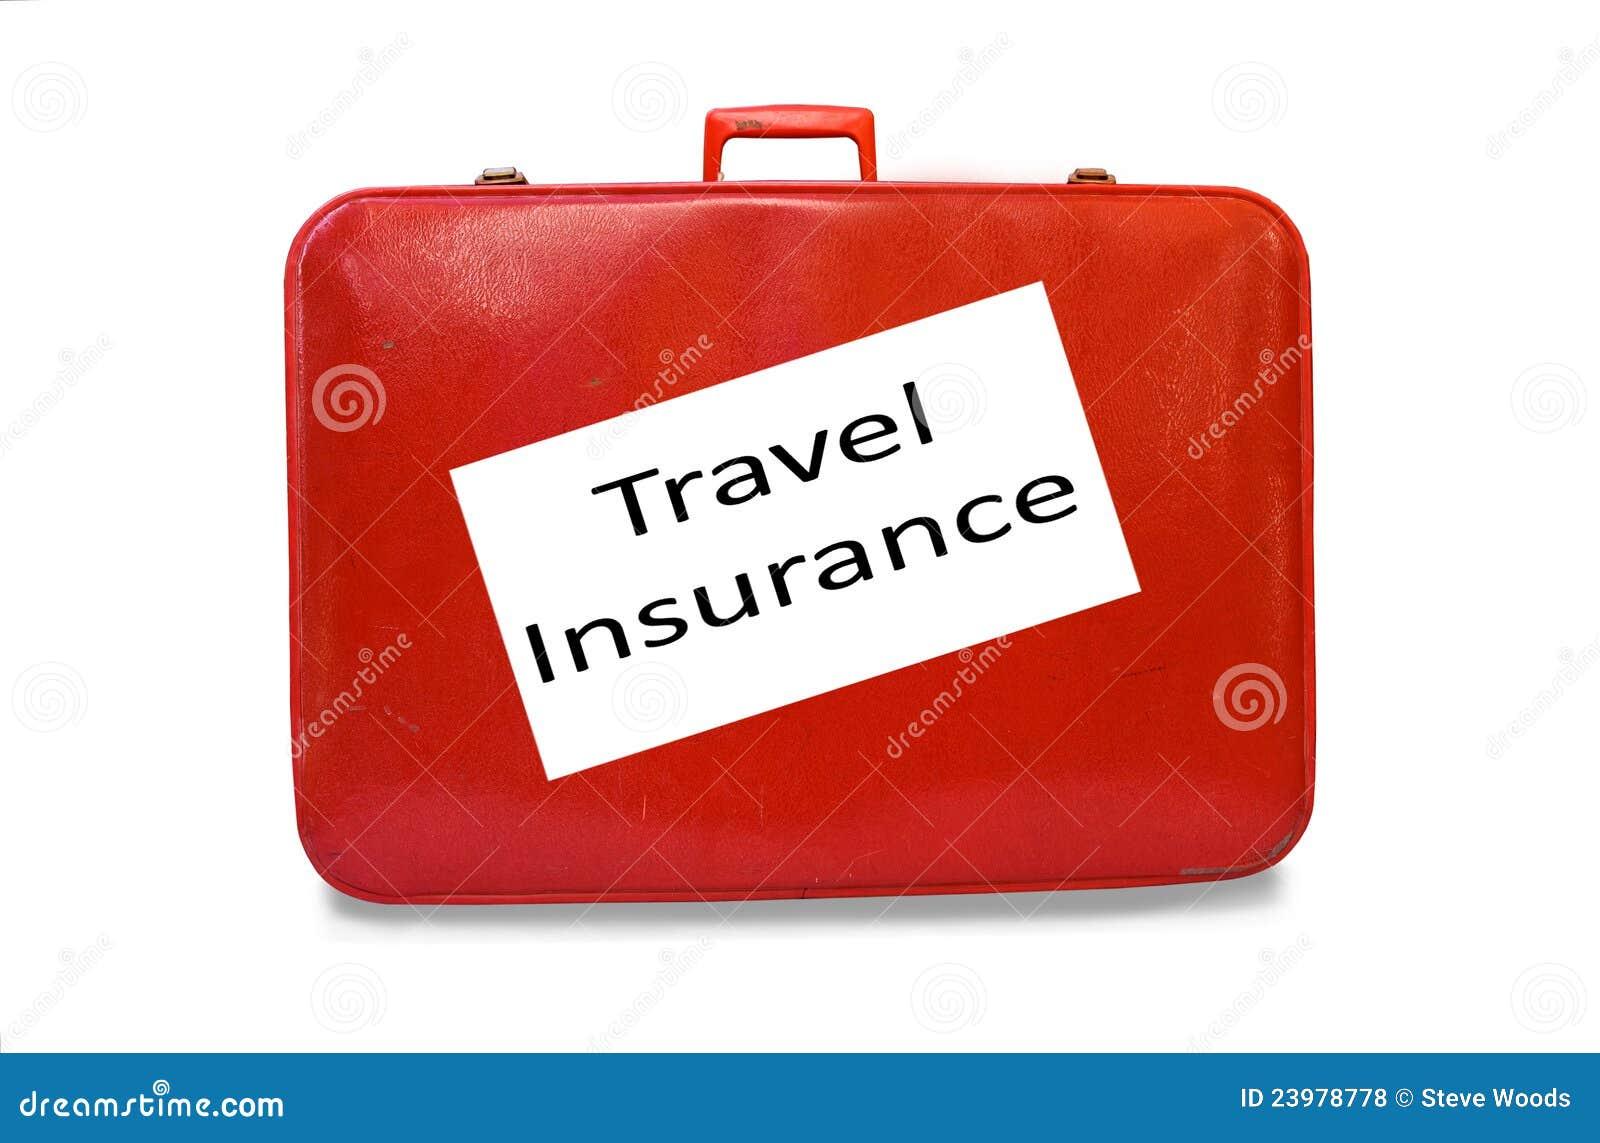 travel insurance over